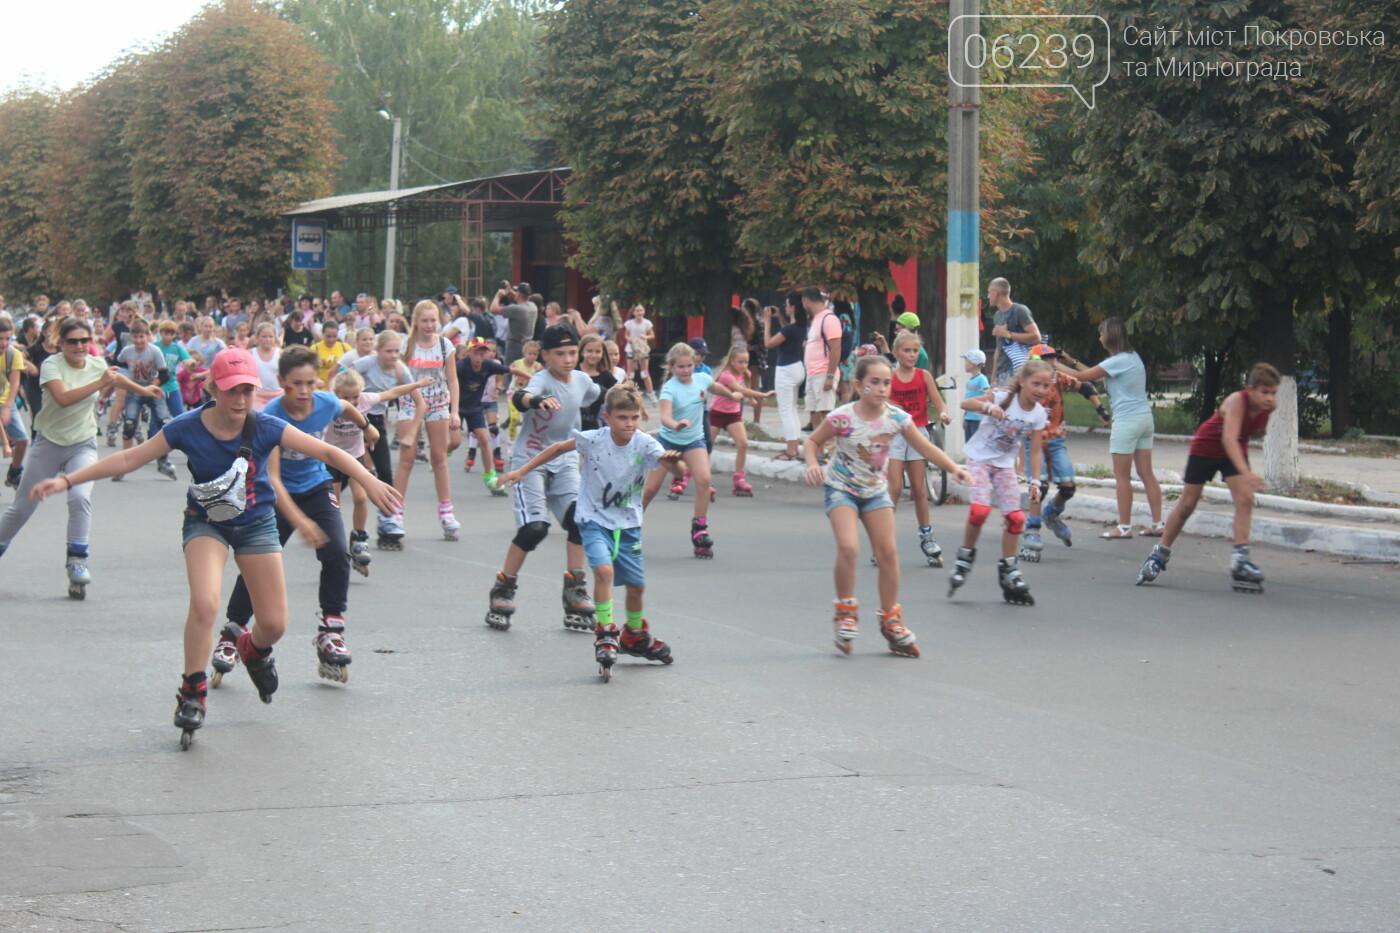 «Ролерфест» и соревнования: в Мирнограде отметили День физкультуры и спорта , фото-12